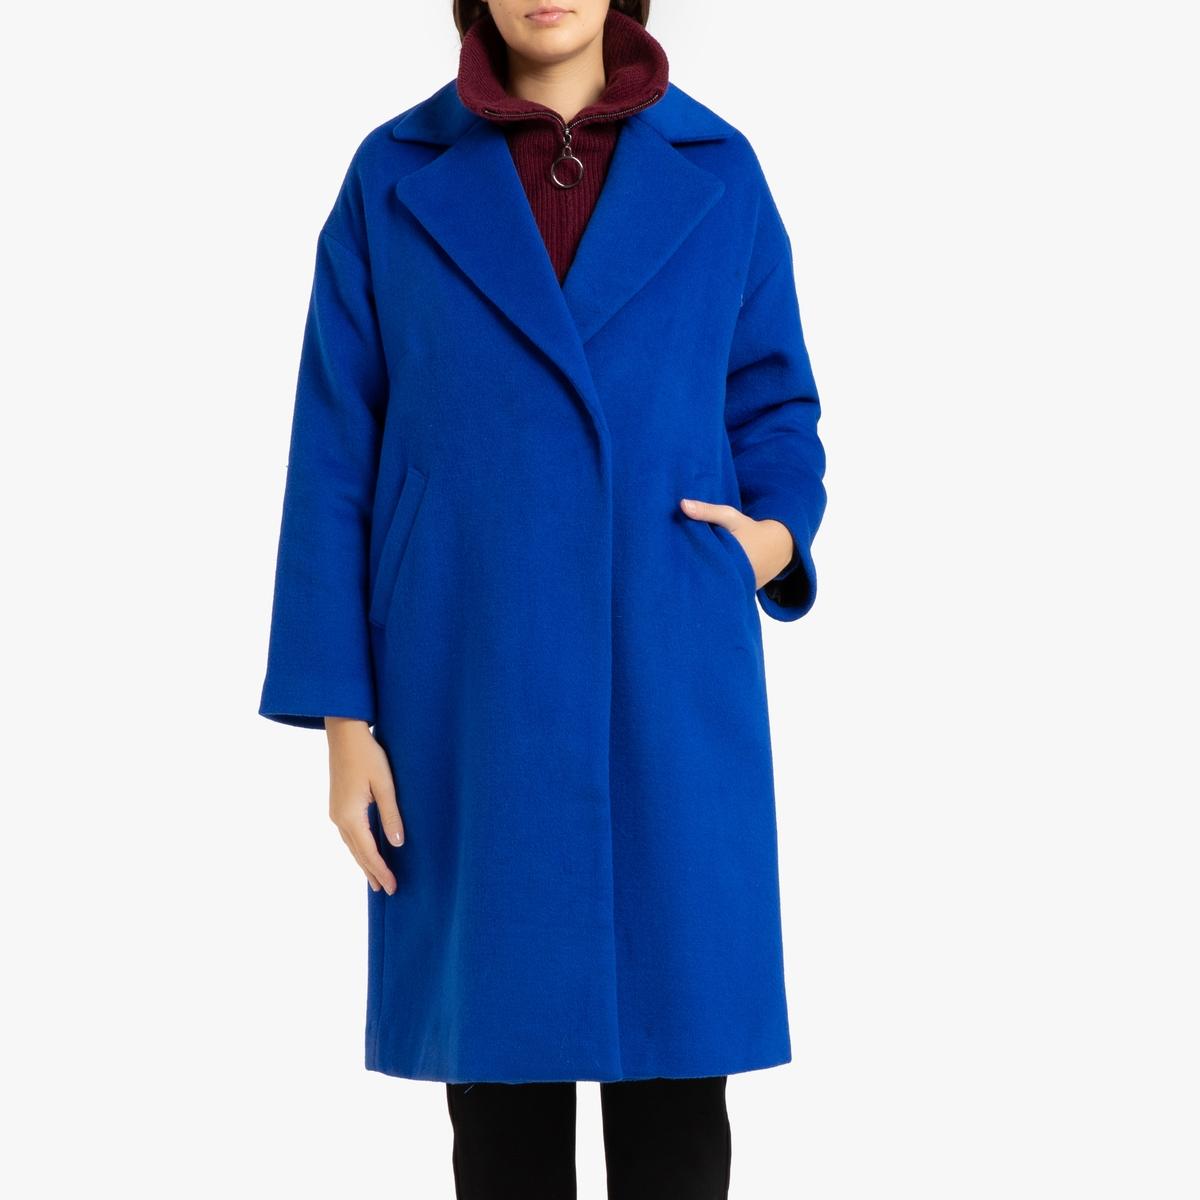 все цены на Пальто La Redoute Длинное из шерстяного драпа EDMA 3(L) синий онлайн